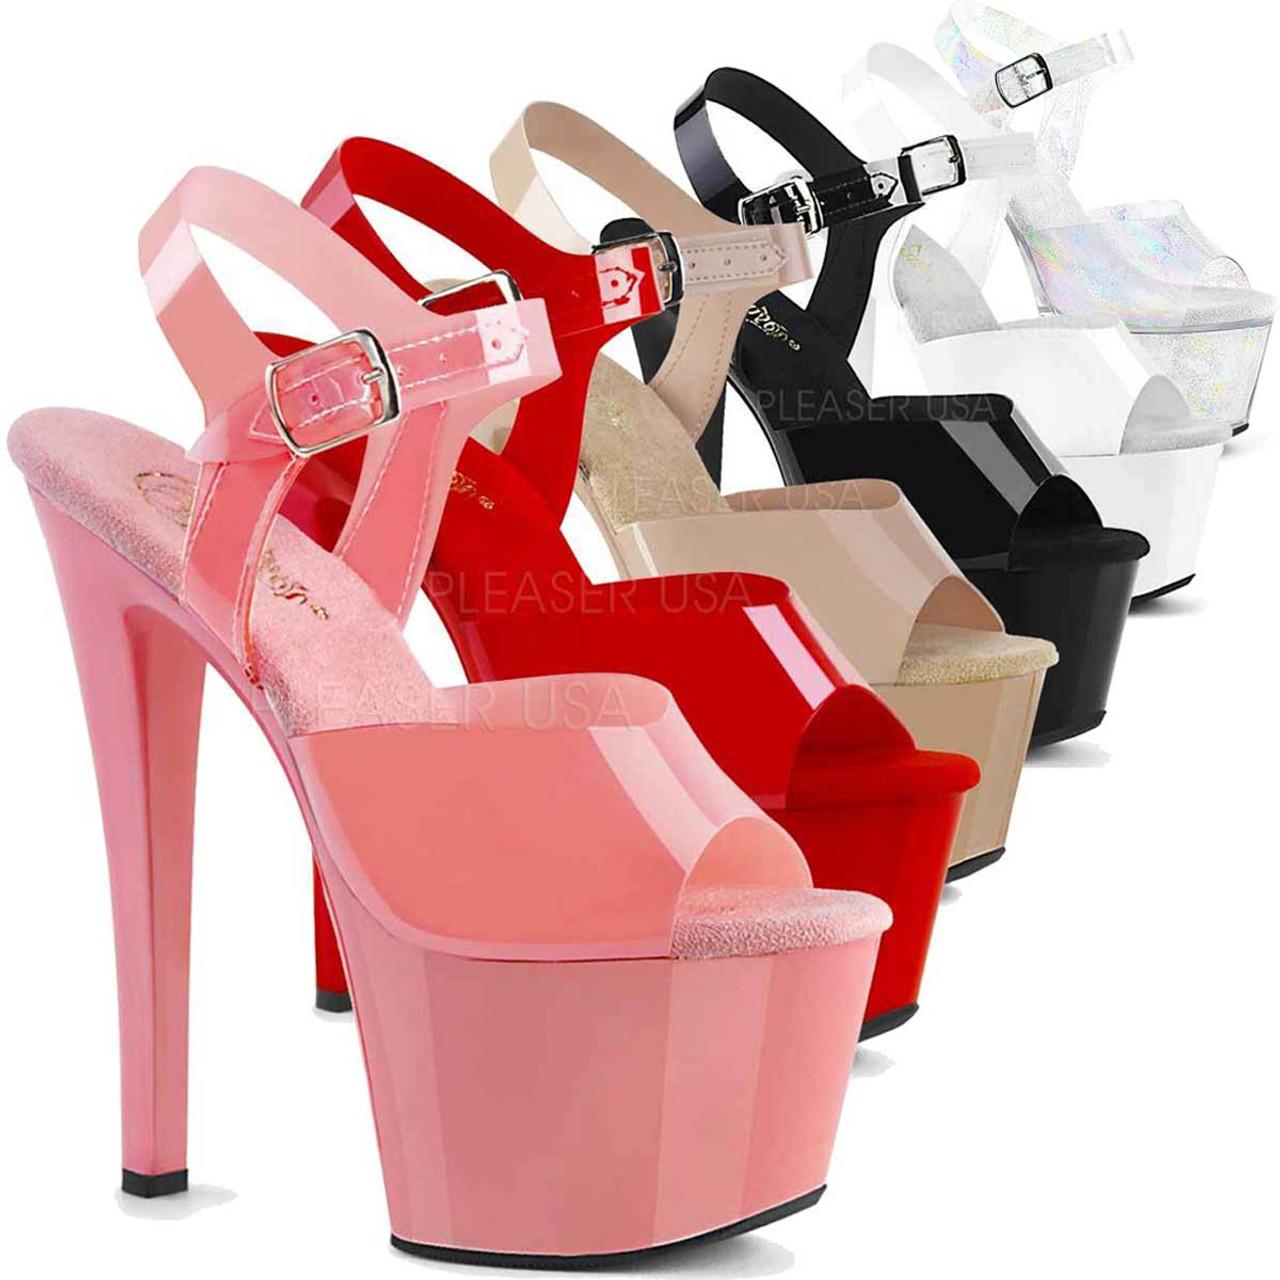 f745823d825 Exotic Dancer Shoes | SKY-308N, Jelly-Like Platform Ankle Strap Sandal